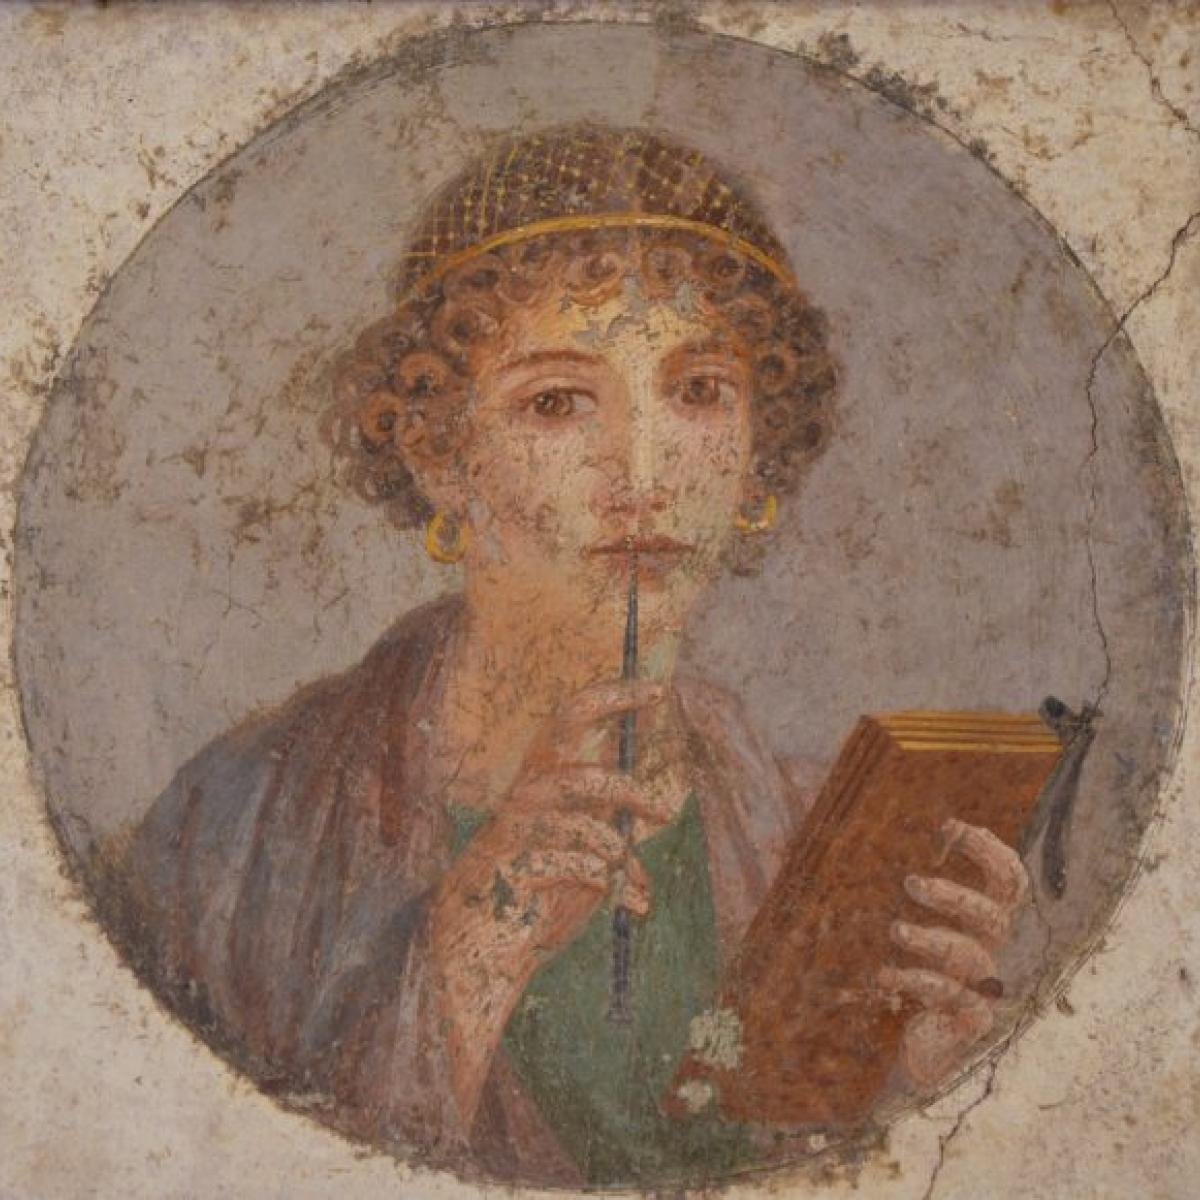 Safo de Lesbos representada em afresco romano do ano 50 d.C. e redescoberto em 1760 (Foto: Museu Arqueológico de Napoles | Reprodução)